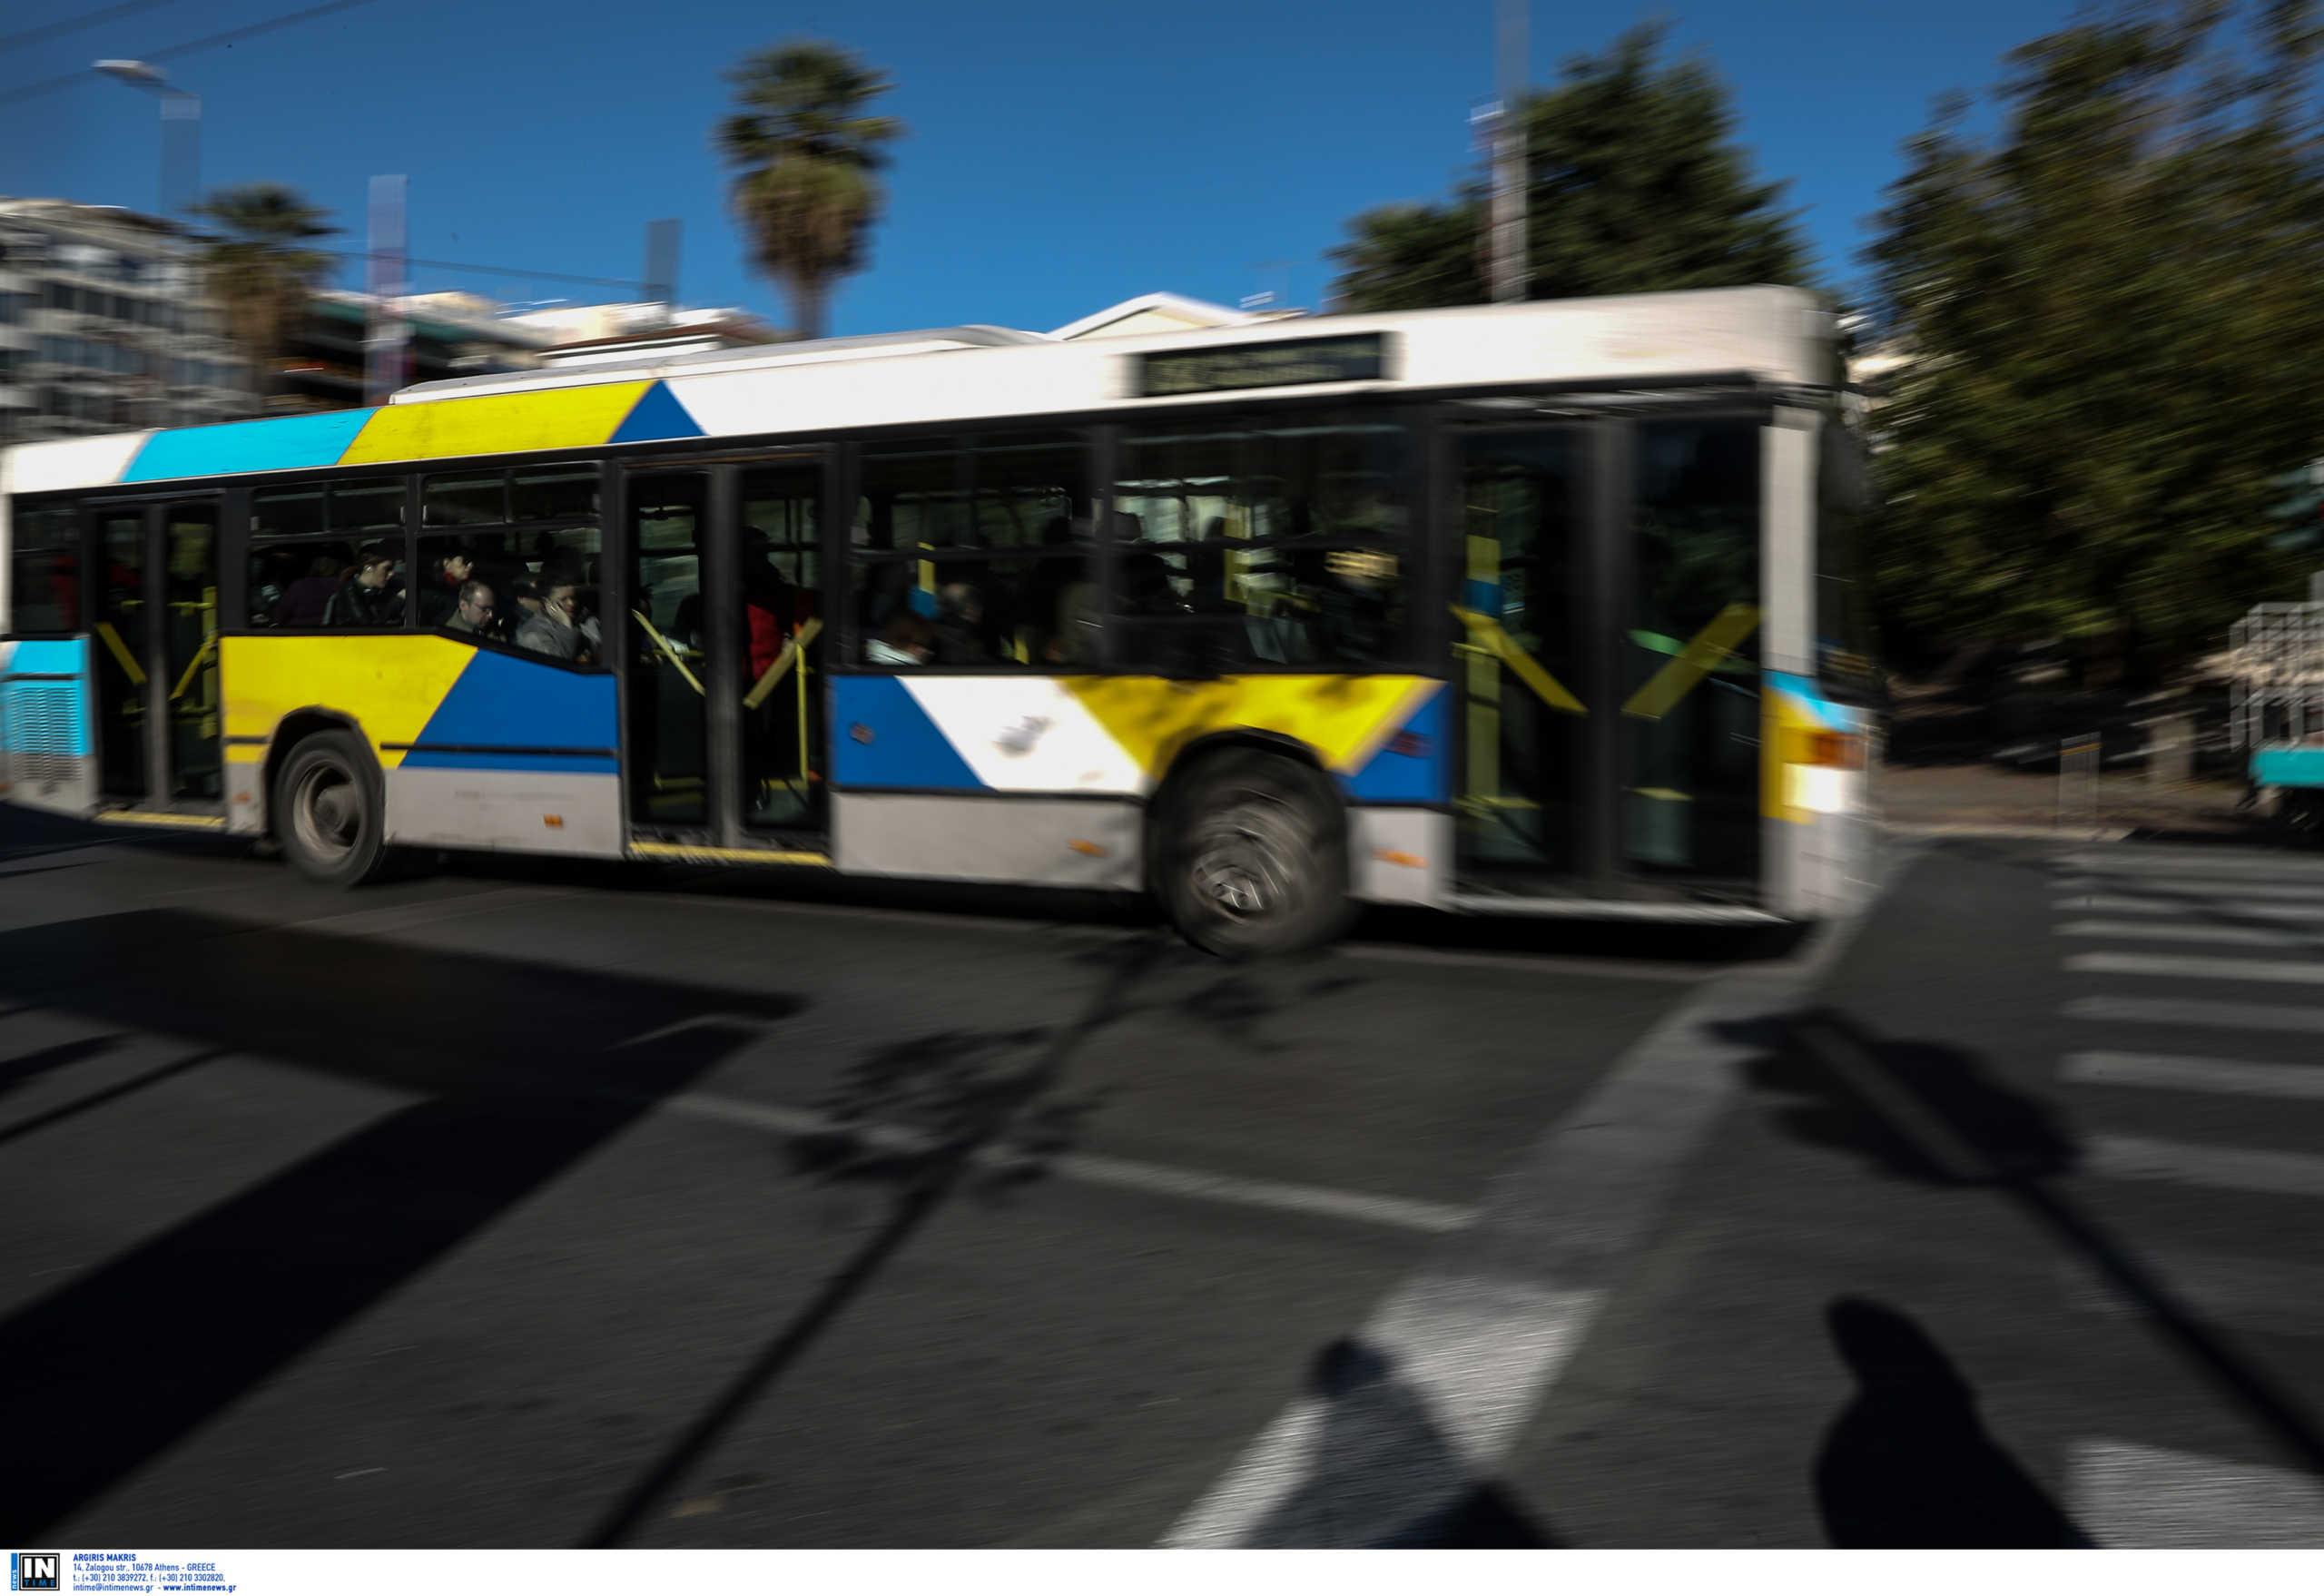 ΟΑΣΑ: Πάνω από 1000 λεωφορεία και τρόλεϊ στους δρόμους από τις 4 Μαΐου – Είσοδος με μάσκα και κανόνες